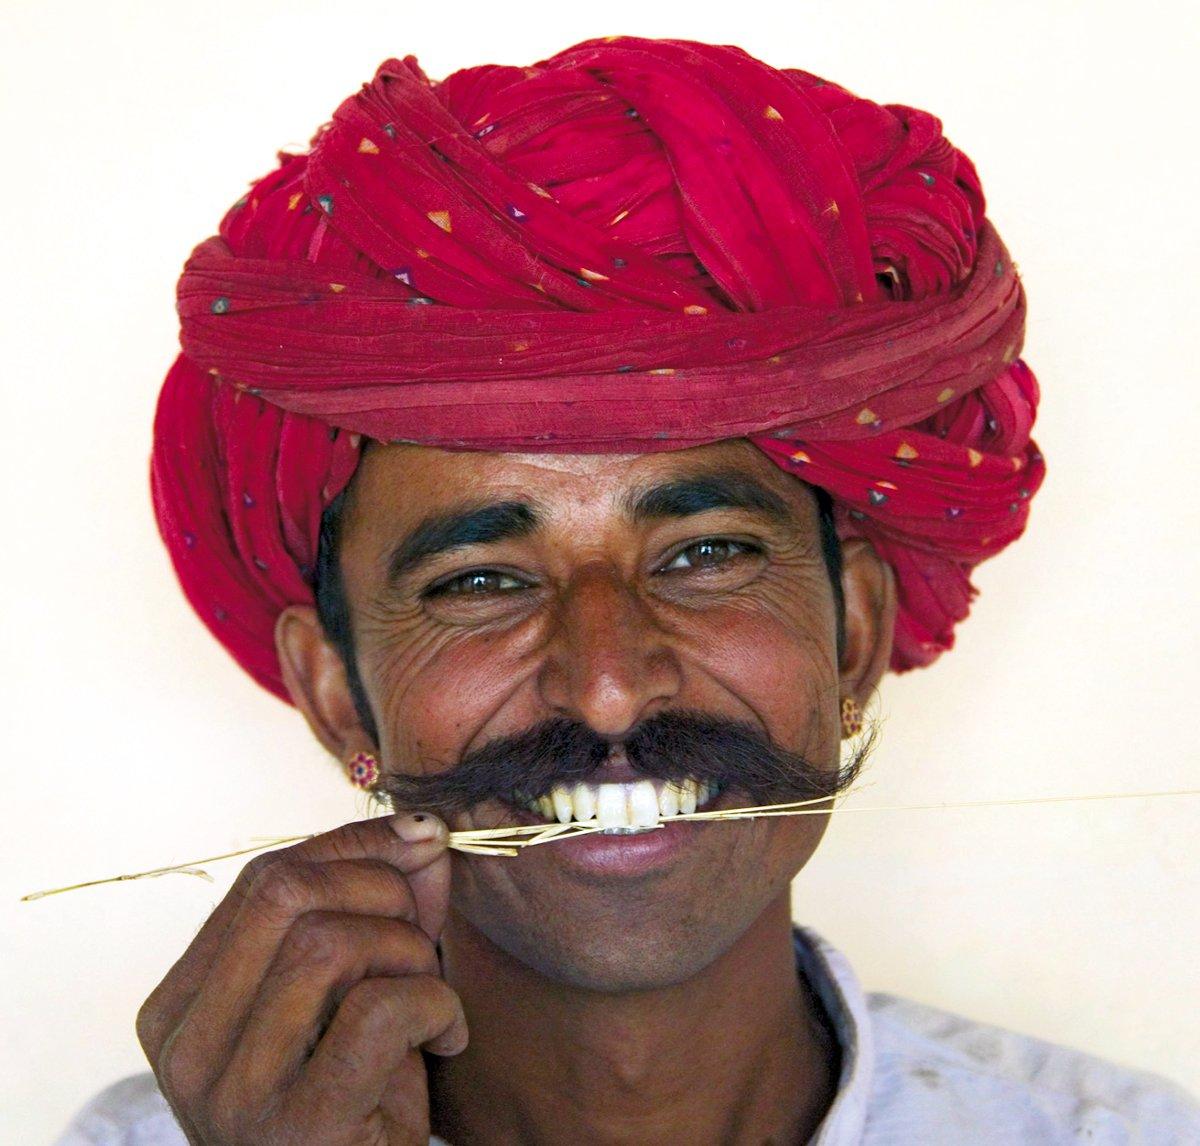 Portraitbild eines einheimischen Mannes in traditioneller Kleidung – Indien erleben